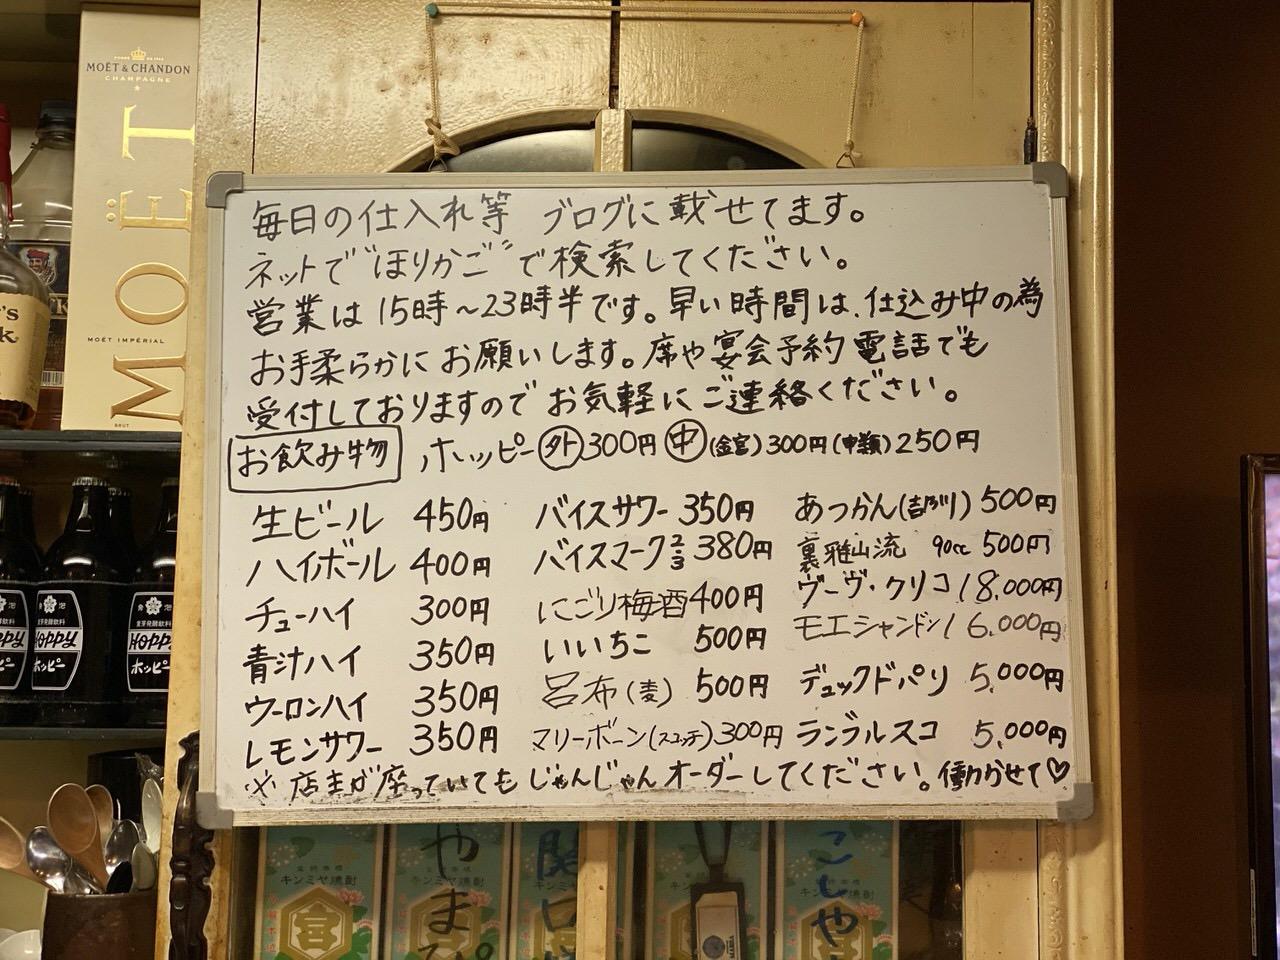 「ほりかご」居酒屋(板橋)3 メニュー